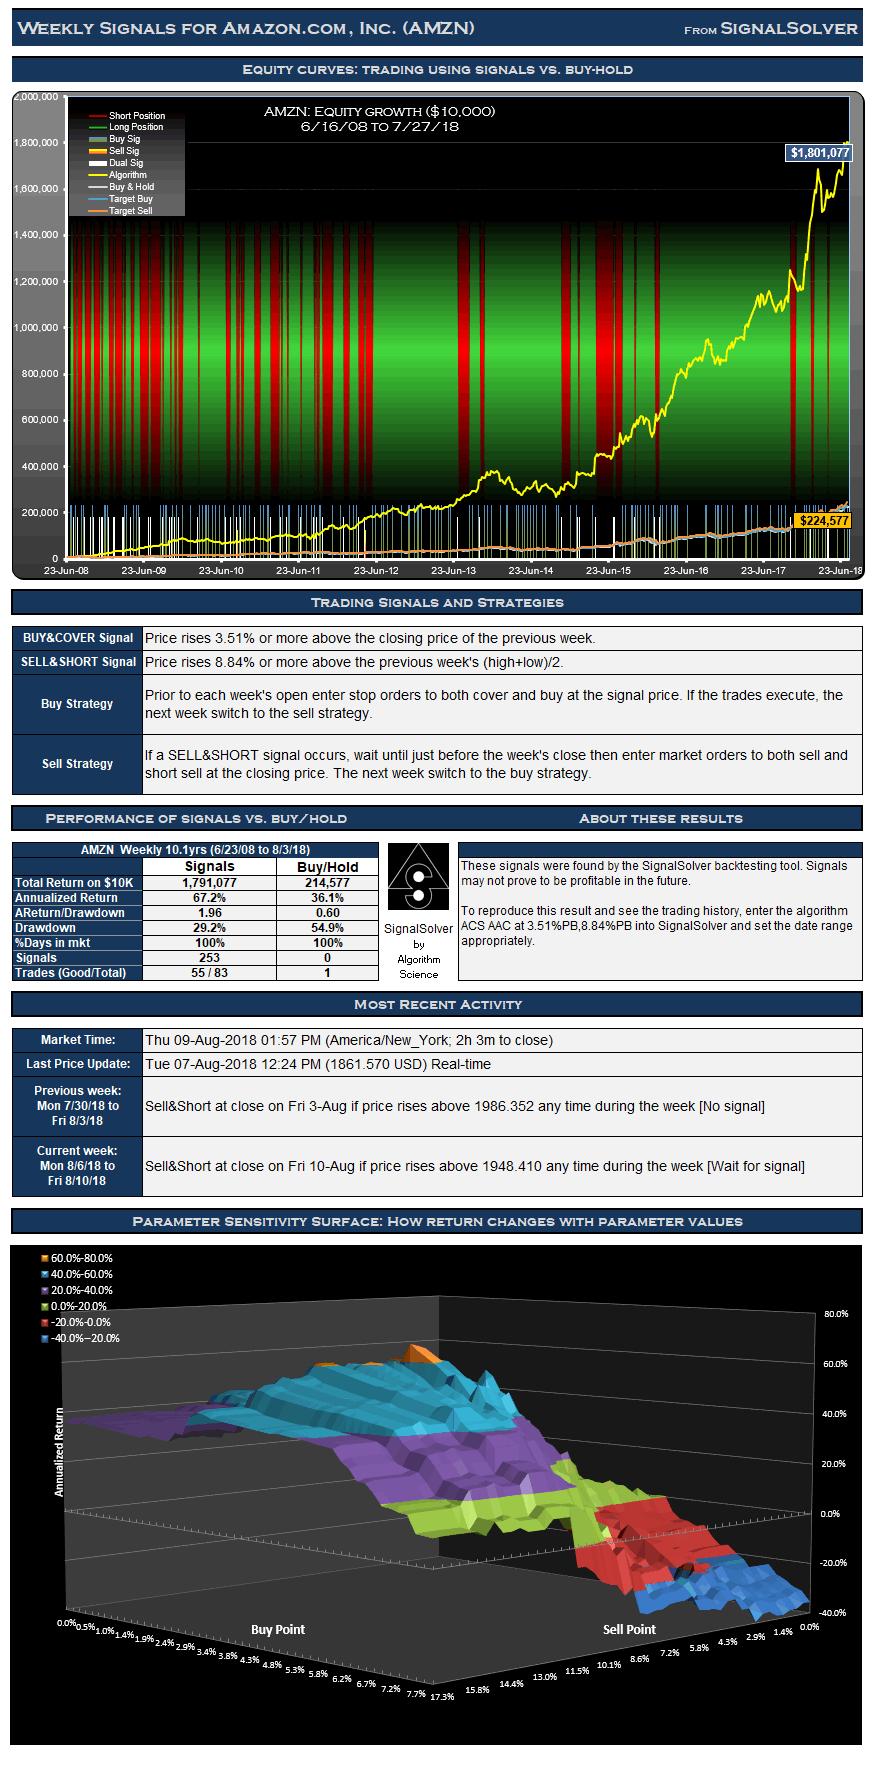 AMZN Weekly trading signals